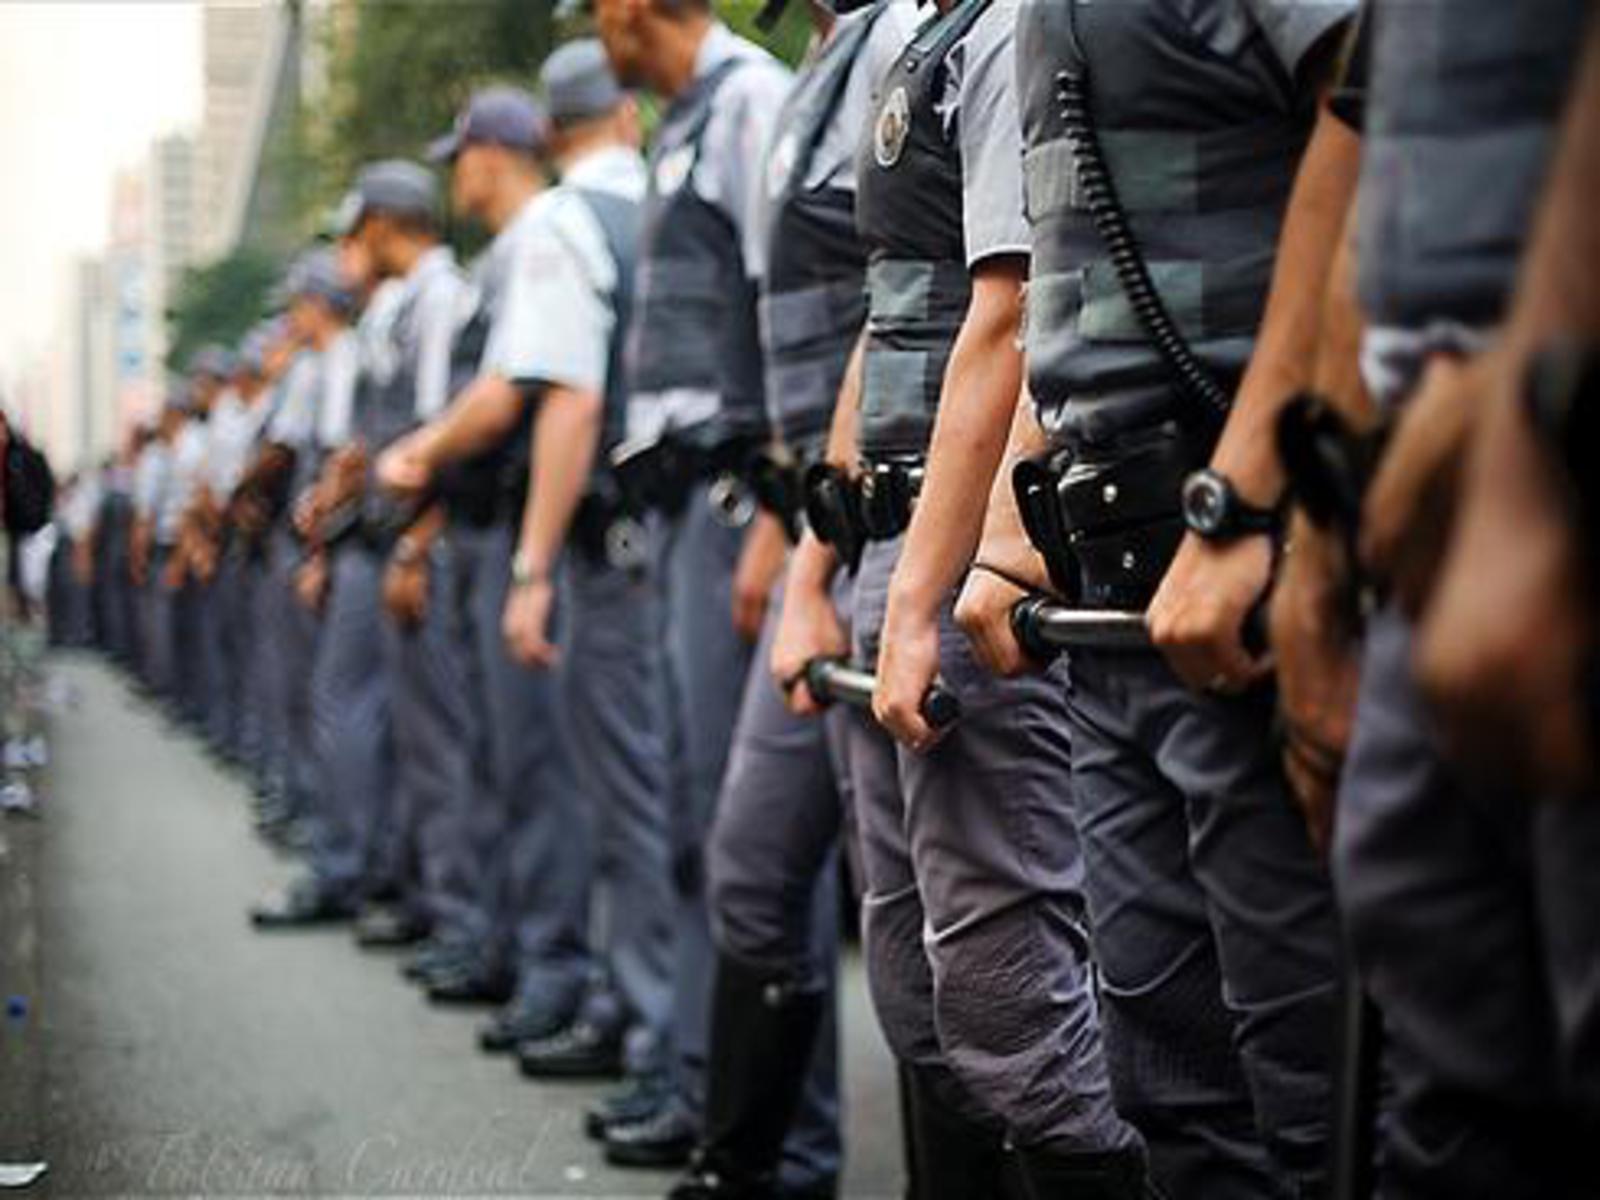 Resultado de imagem para POLICIAS SUICIDIO